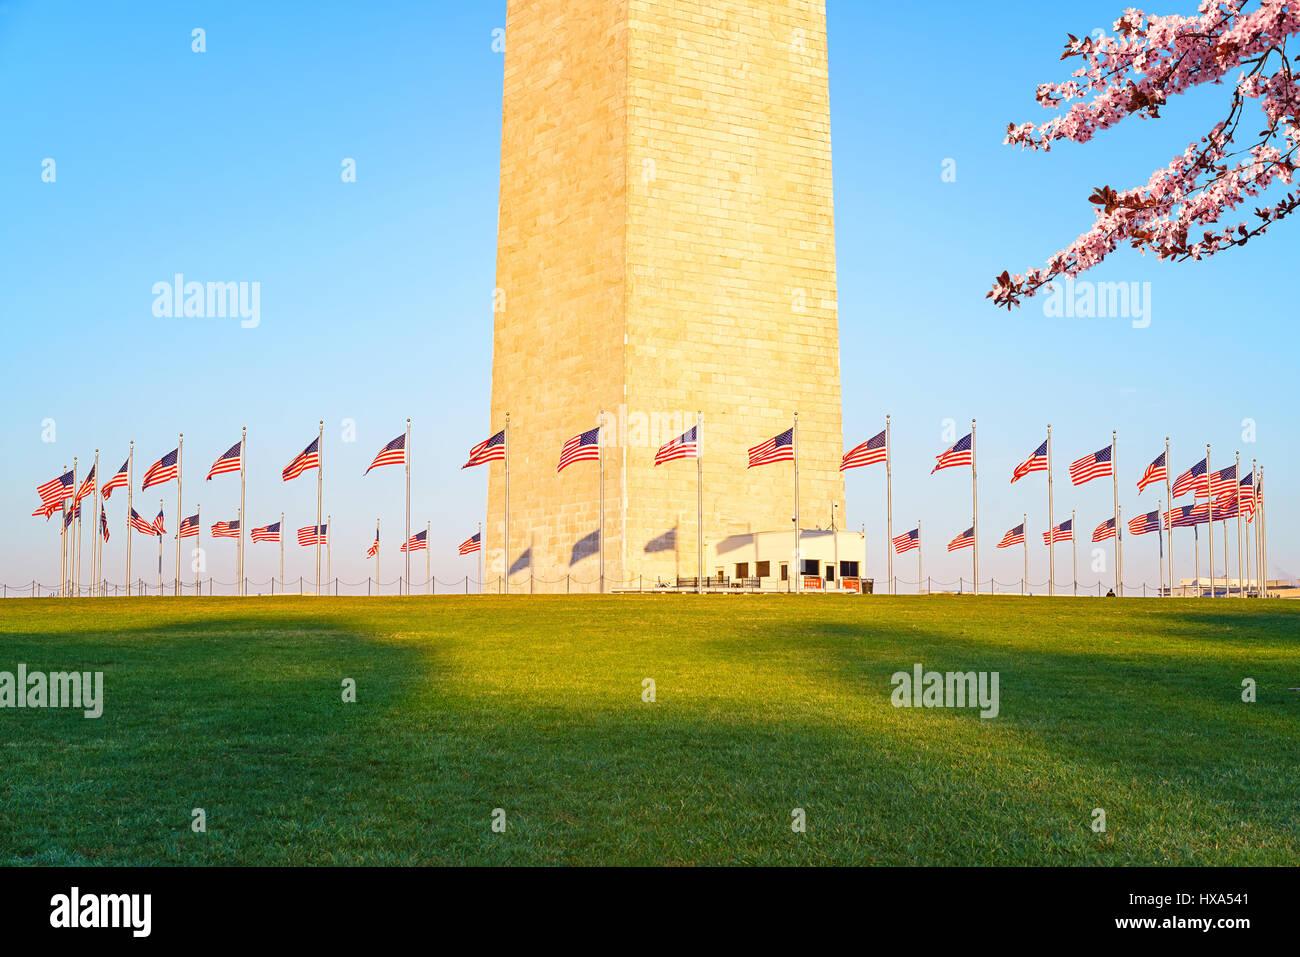 Fiore di Ciliegio vicino al Monumento di Washington, Stati Uniti d'America Immagini Stock